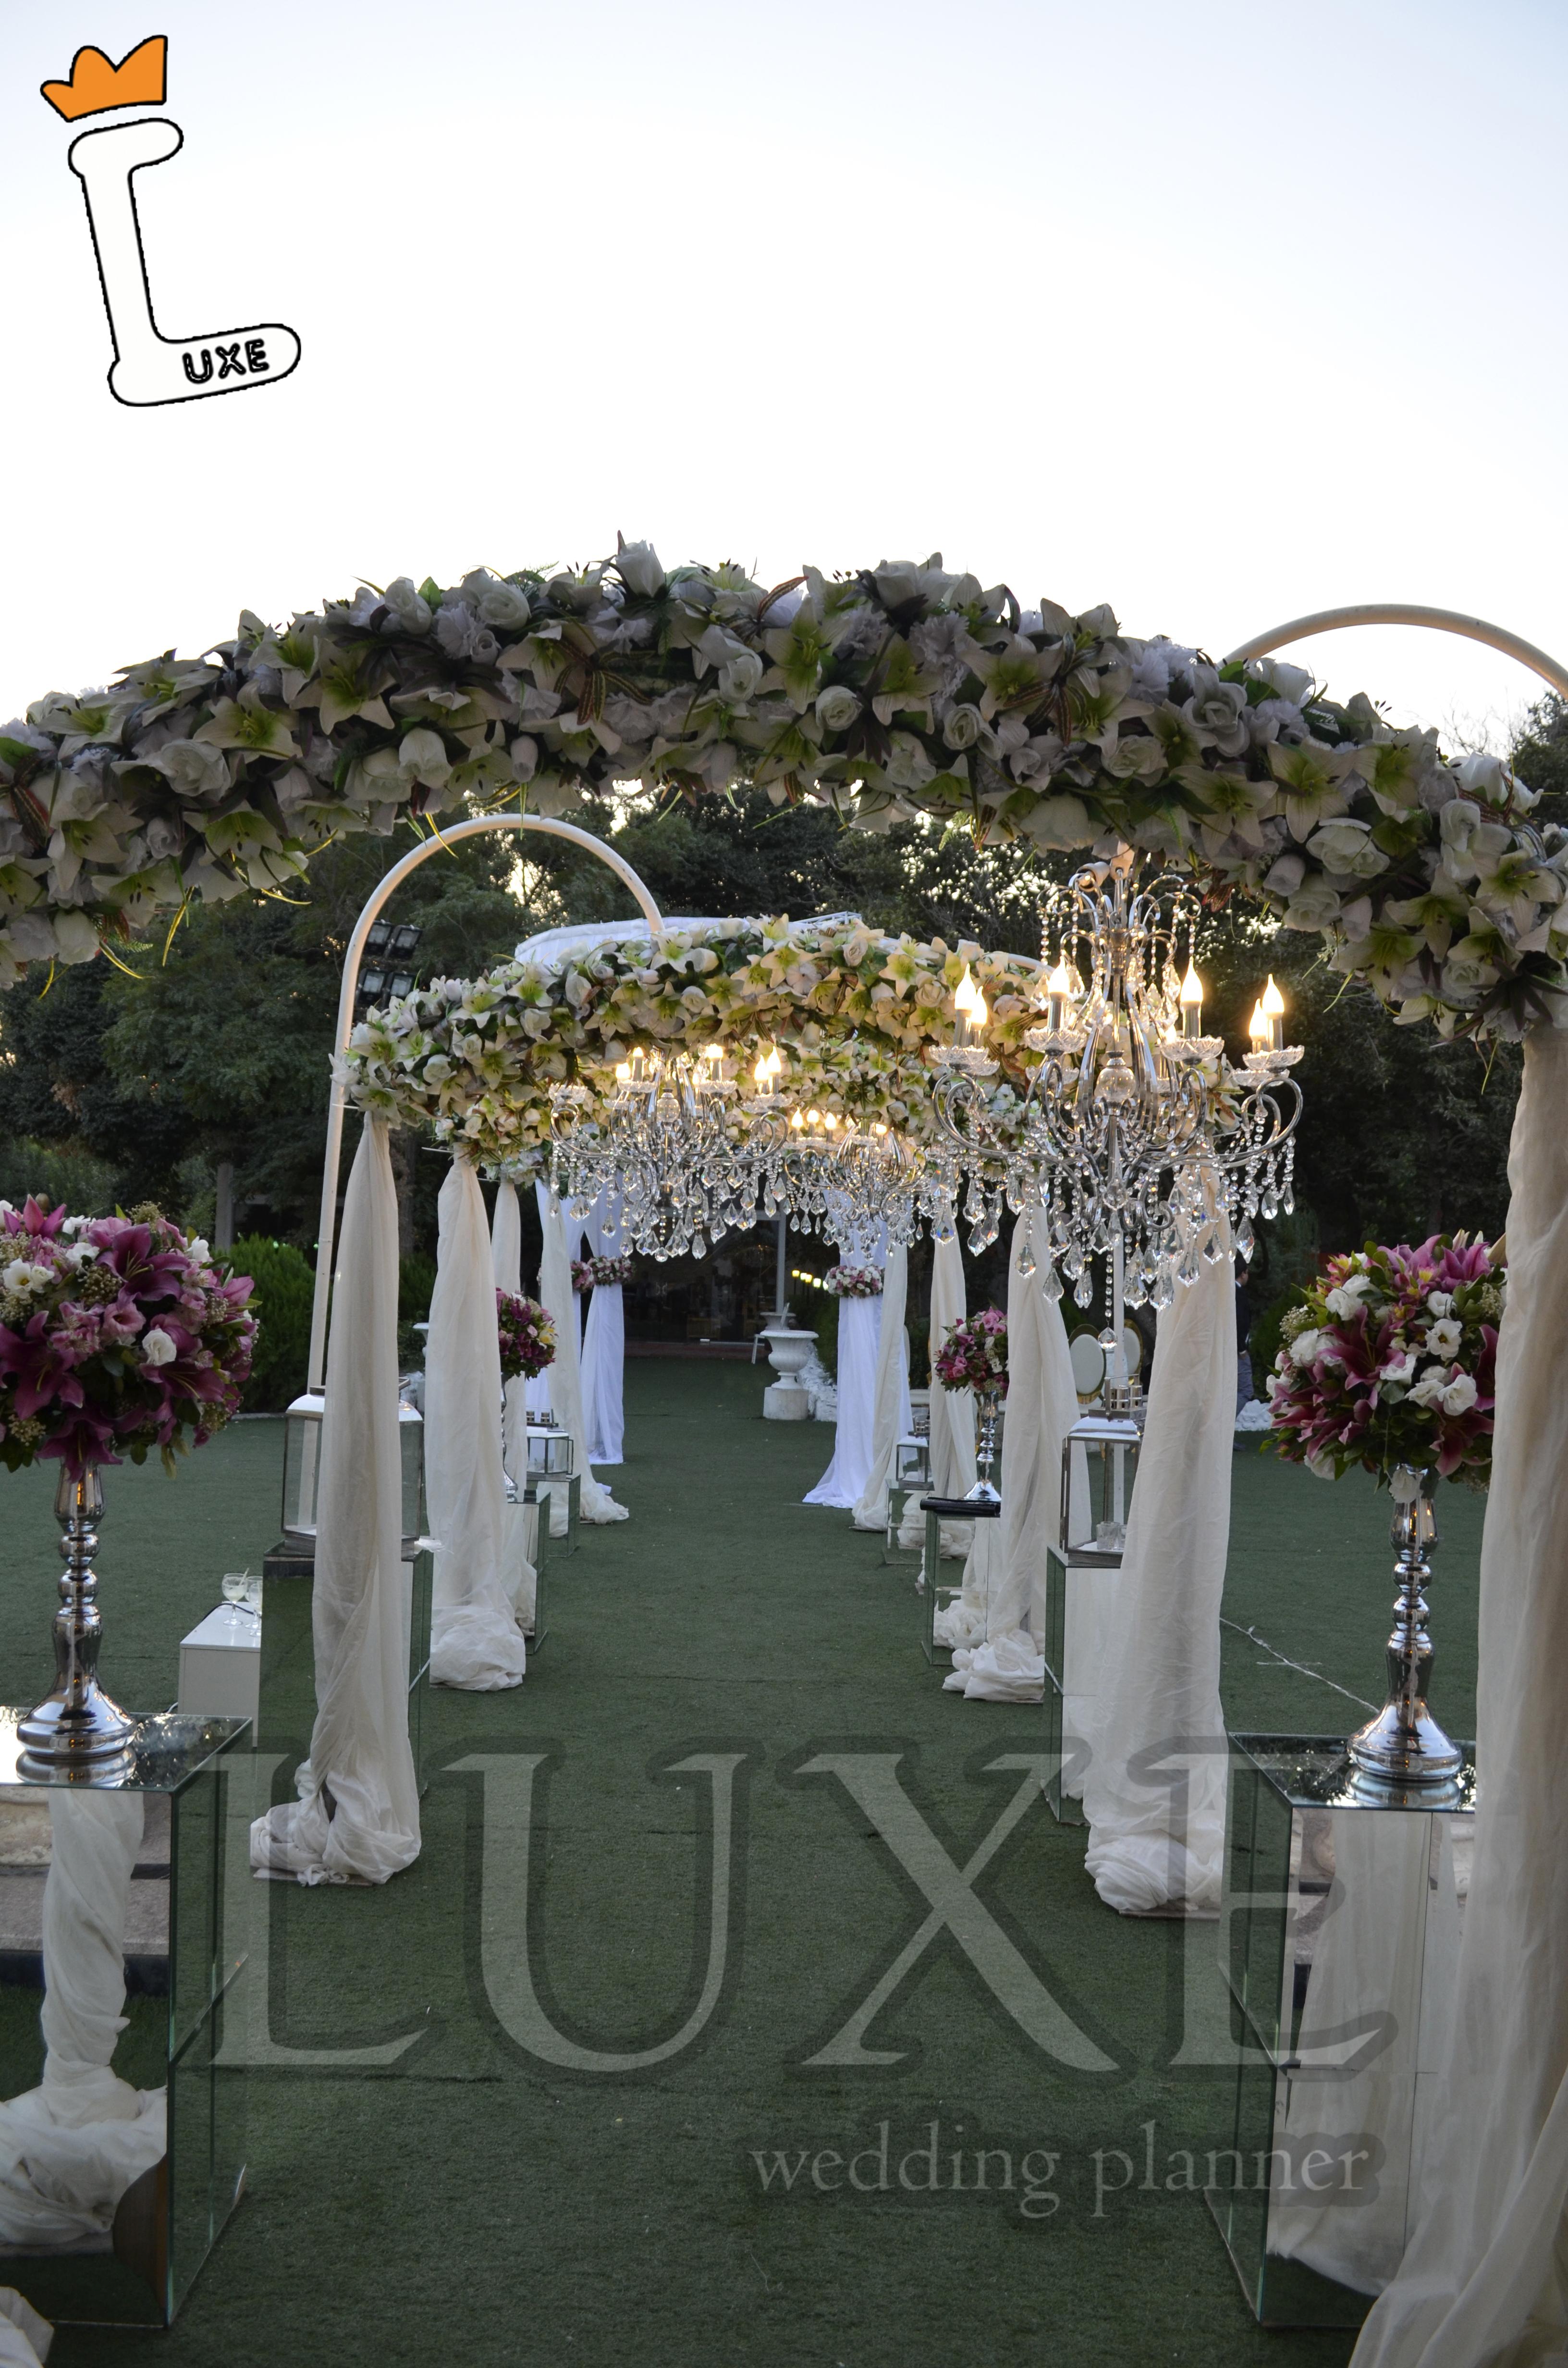 ورودی زیبای عروس داماد توسط تشریفات مجالس لوکس